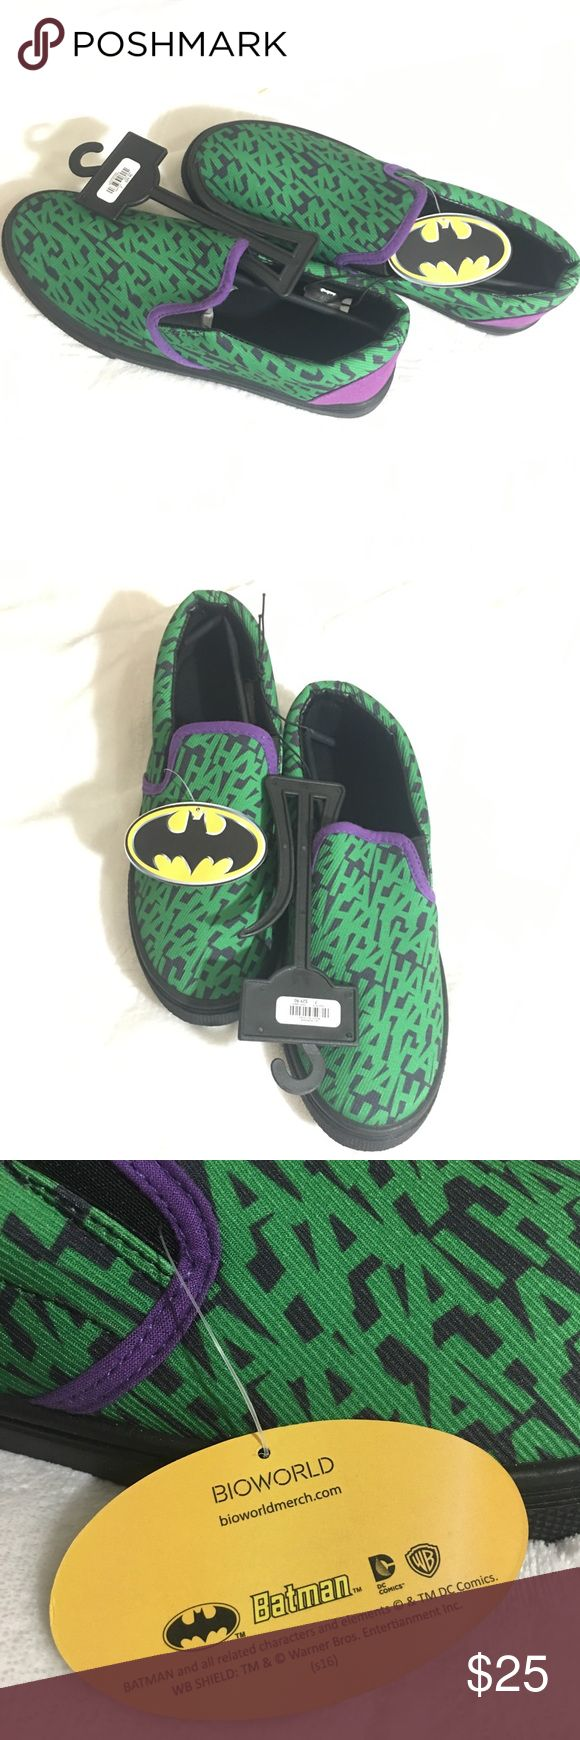 BNWT Batman Joker HaHa Slip On Sneakers Size 7 BNWT Batman Joker HaHa Slip On Sneakers Size 7 Brand New With Tags  Batman Green/Black/Purple Joker themed slip ons Batman Shoes Sneakers